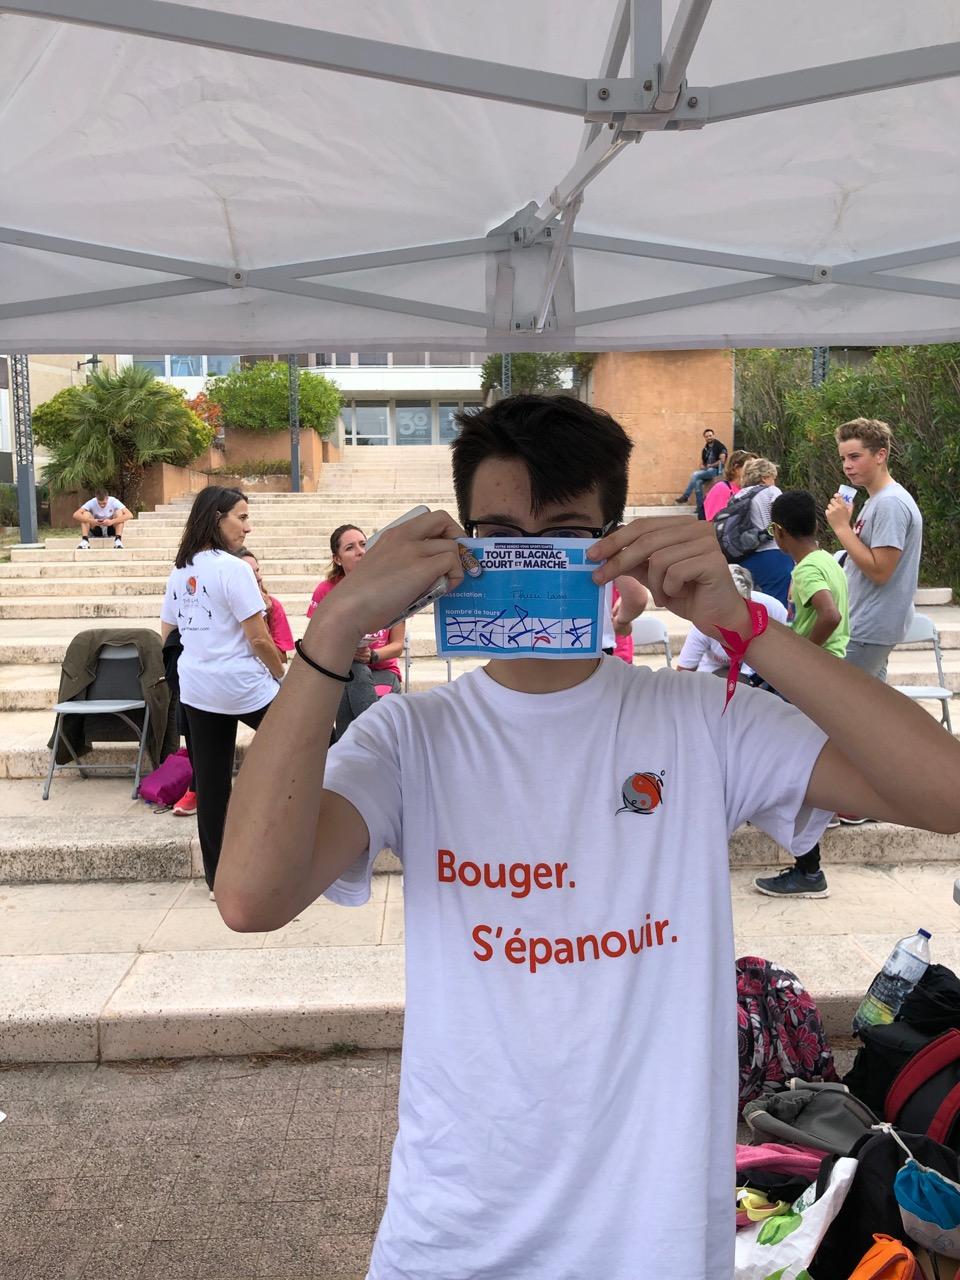 blagnac_court_marche_9.jpg